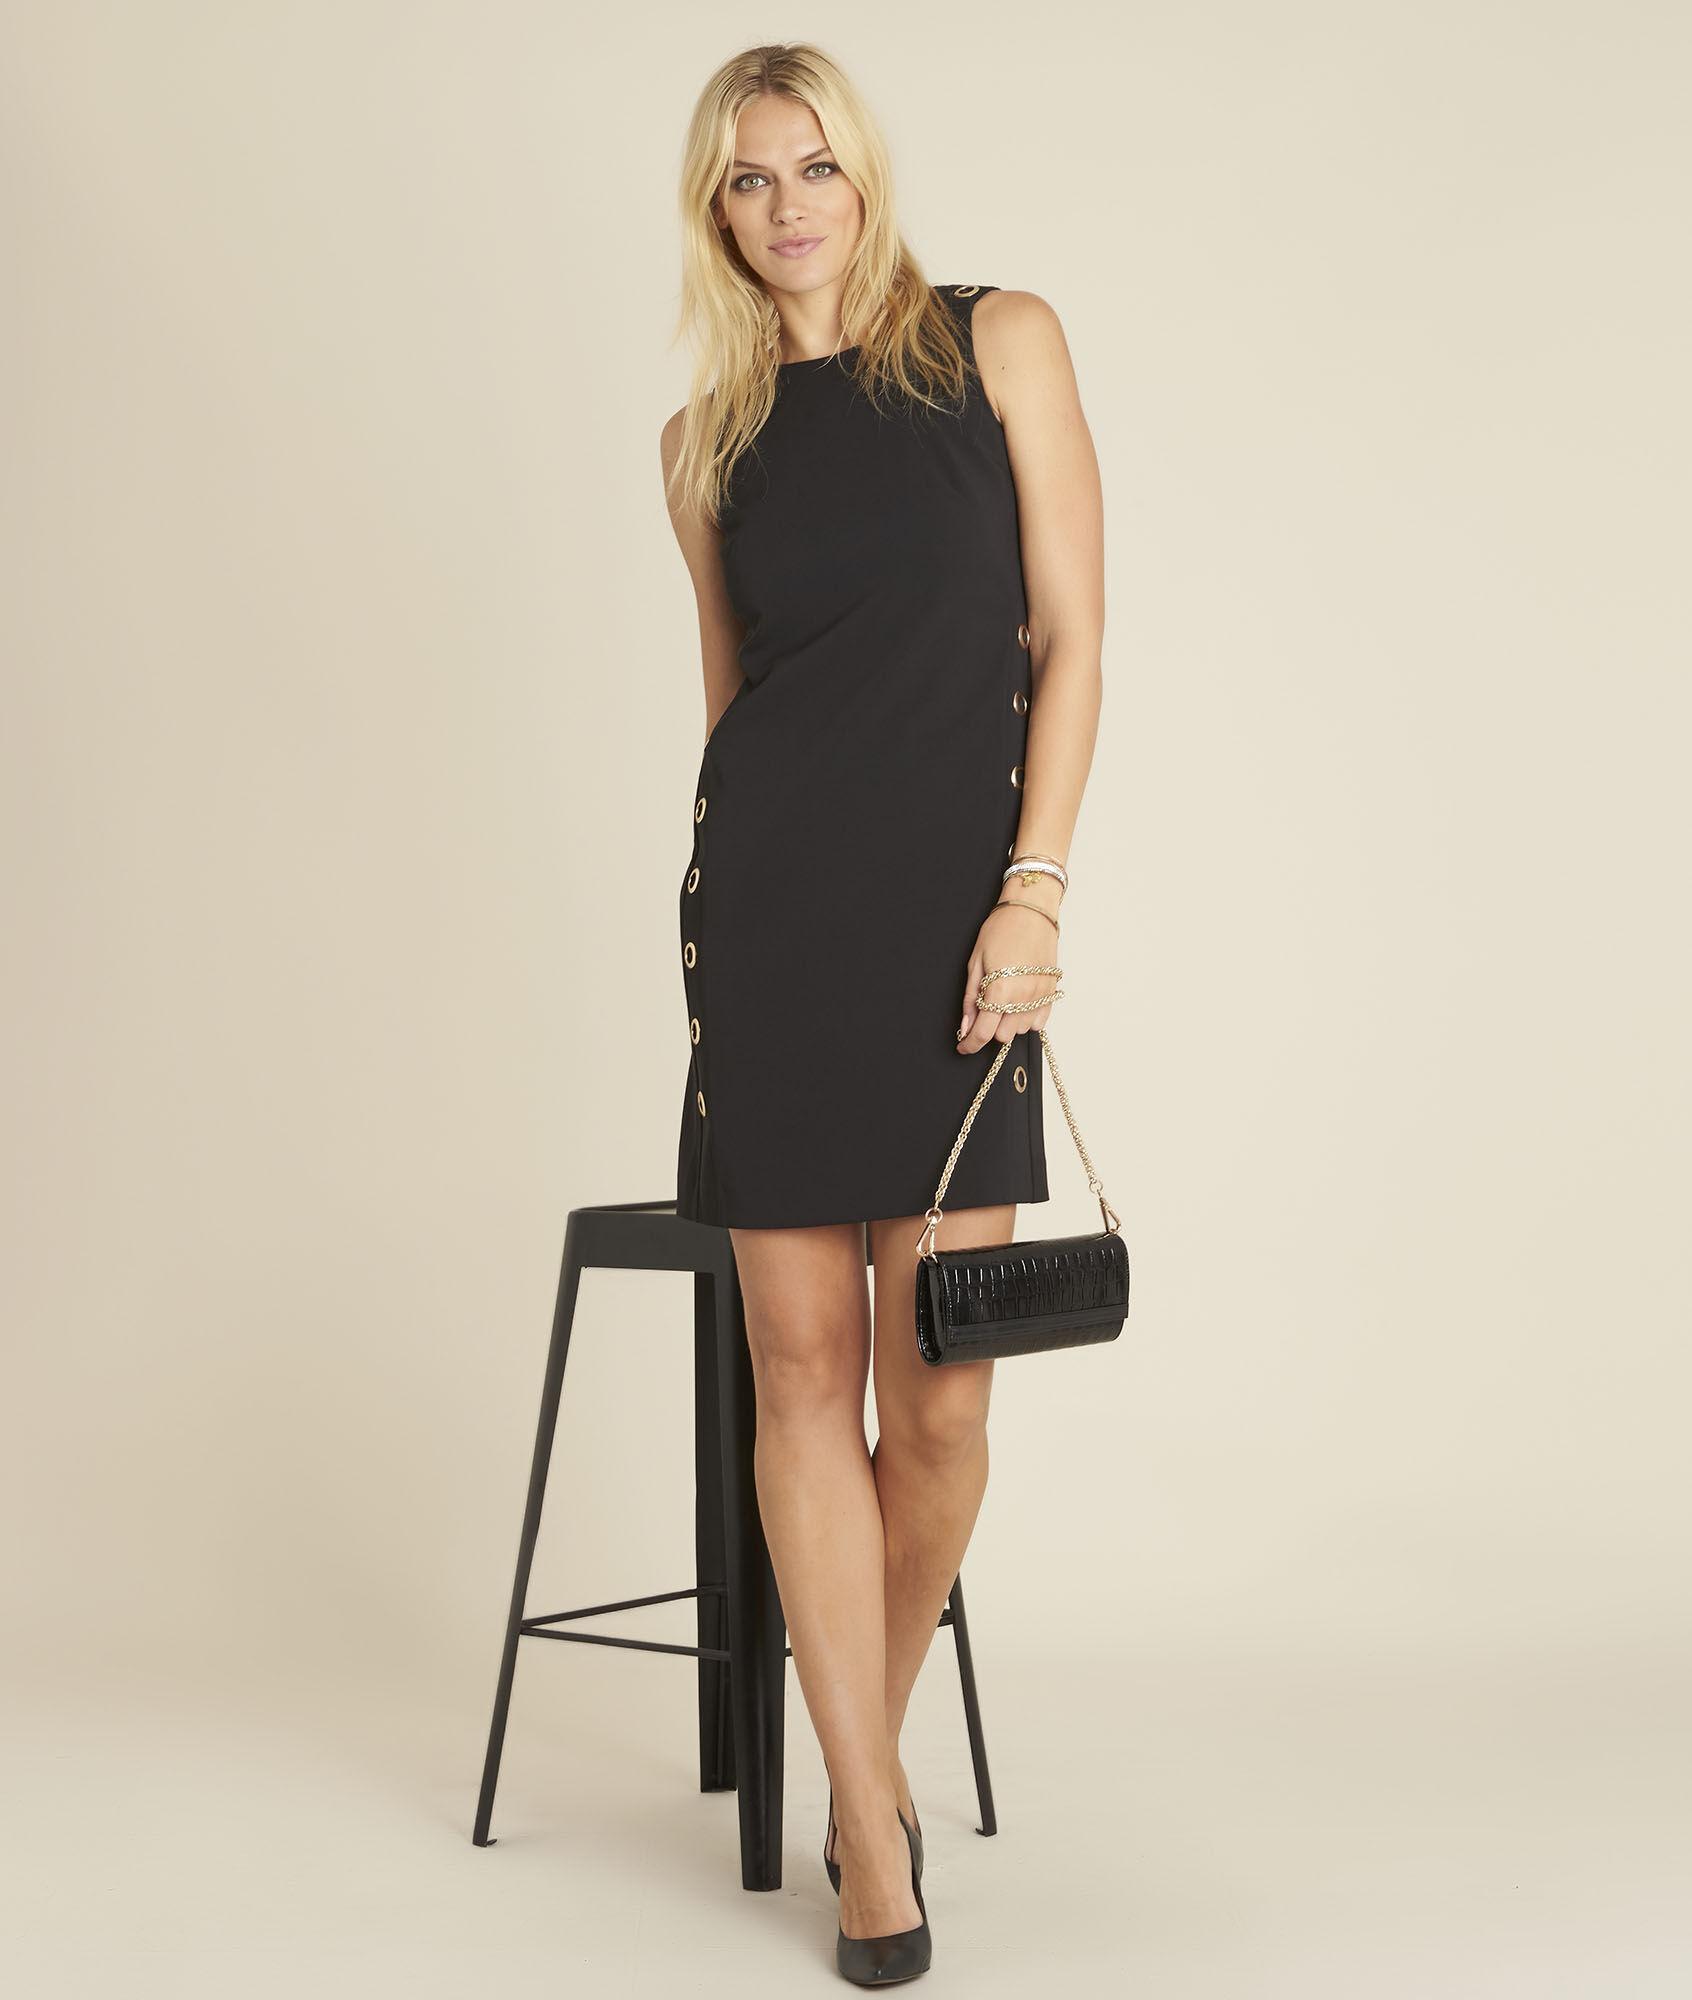 zwarte rechte jurk